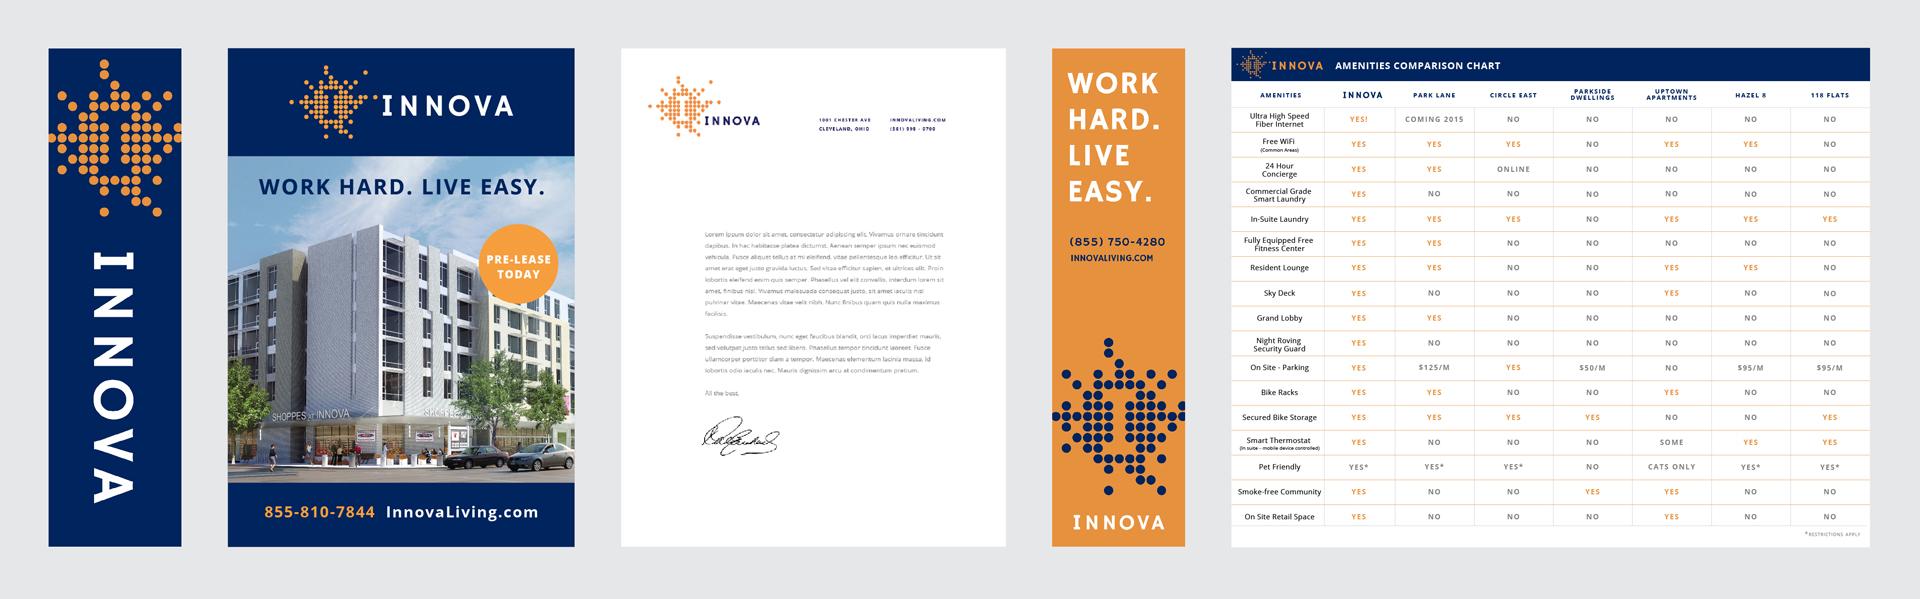 Innova letterhead design